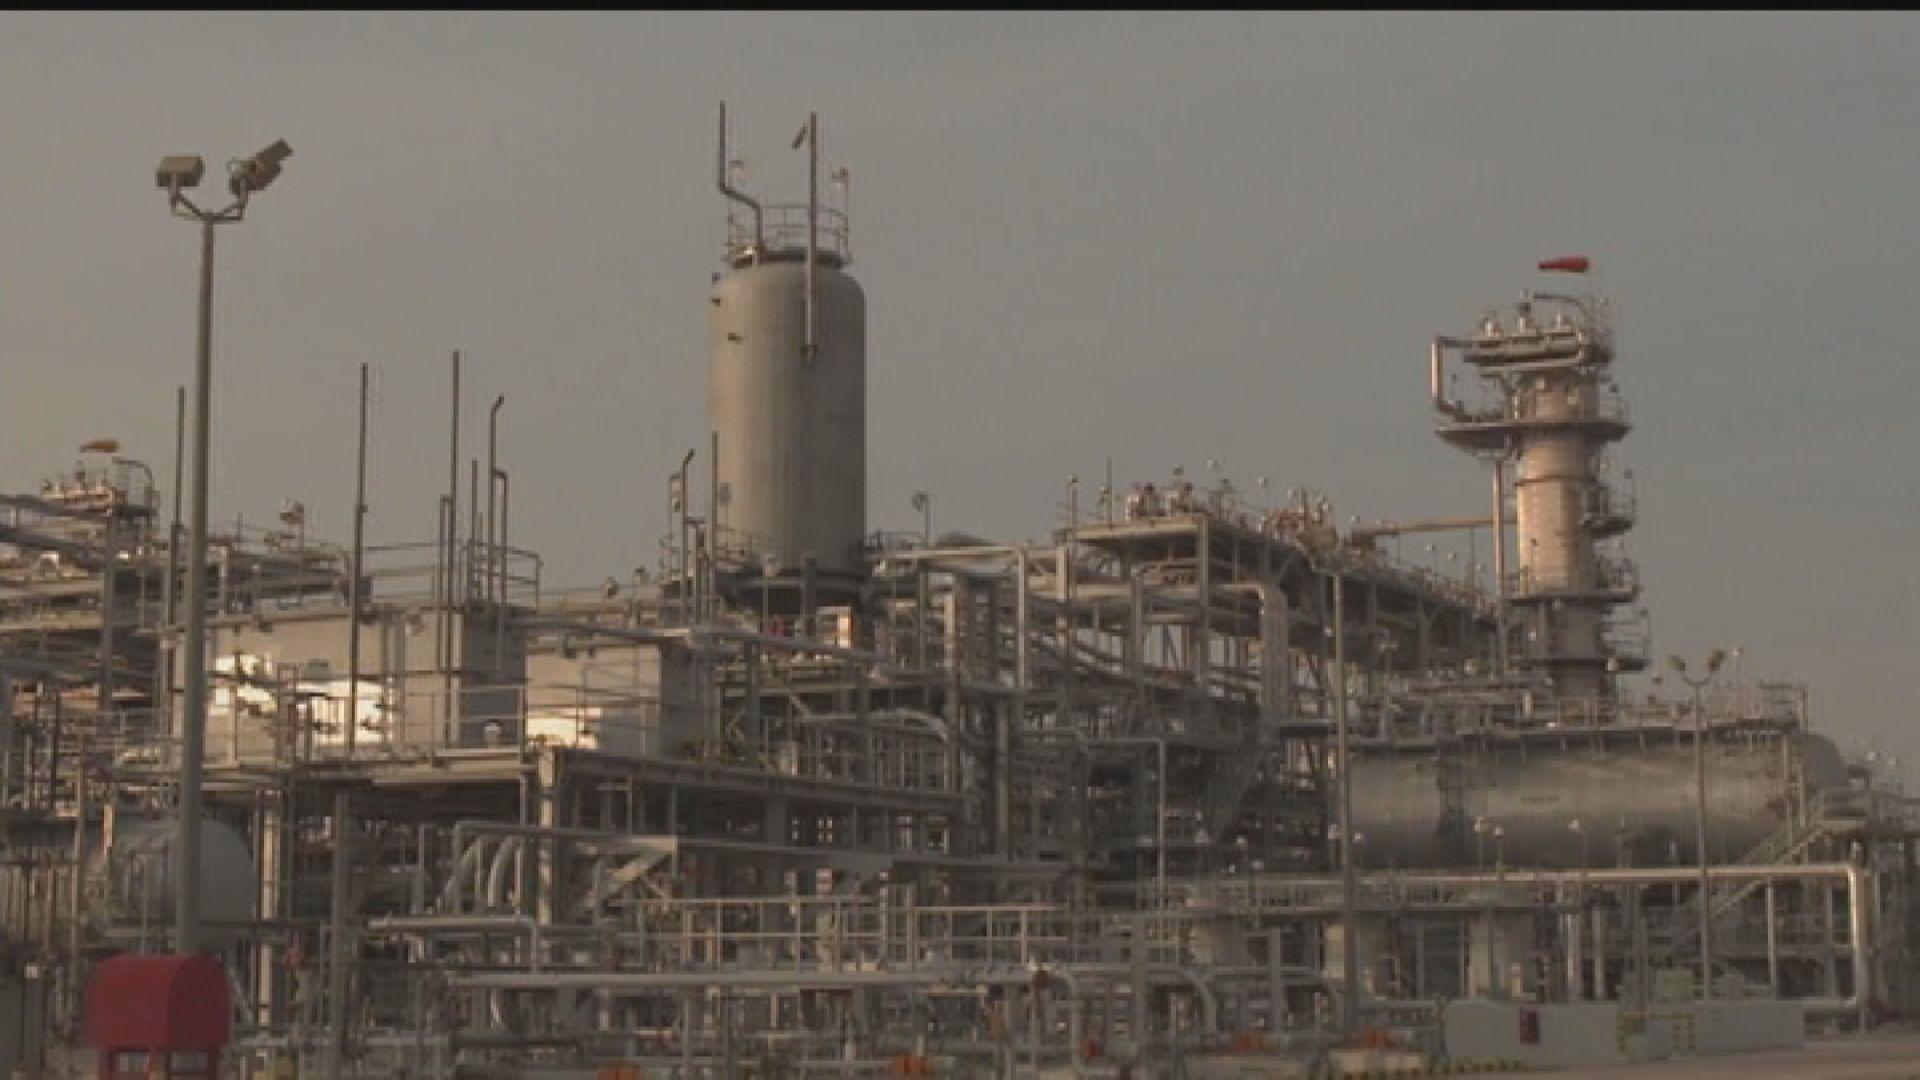 【價格戰】油價急挫 或令沙特及俄羅斯入不敷支